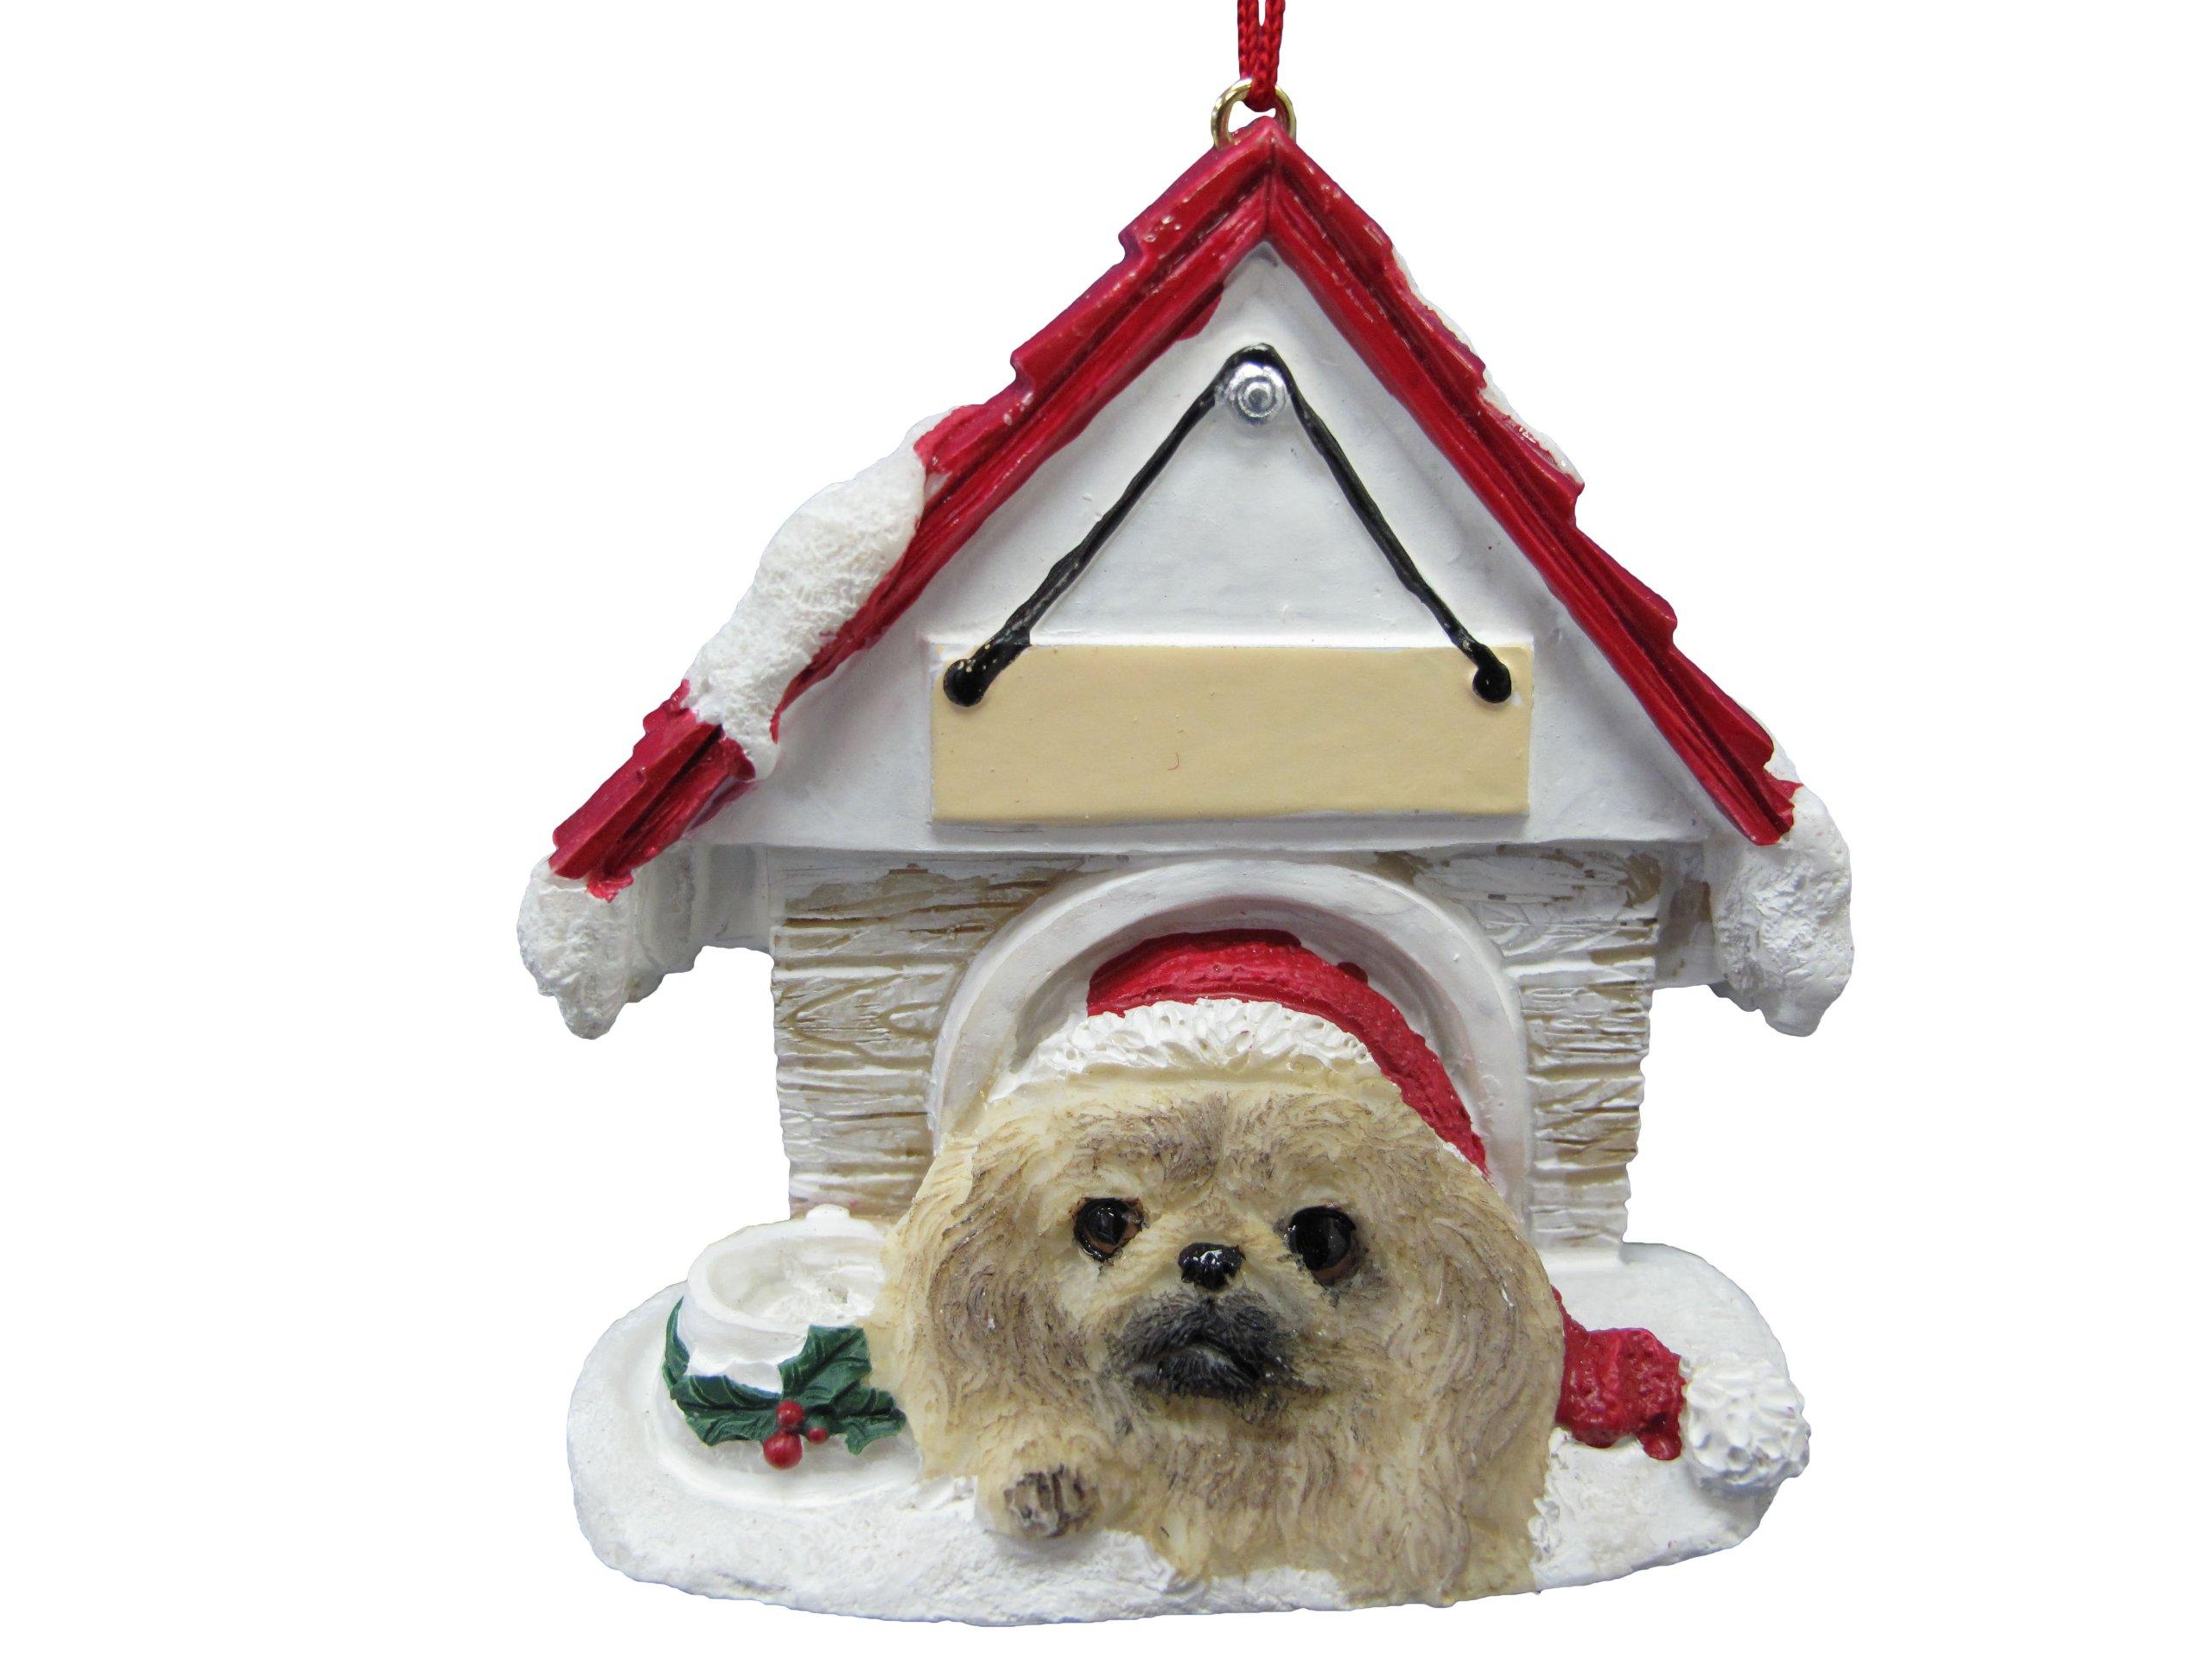 ES-Pets-35355-61-Doghouse-Ornament